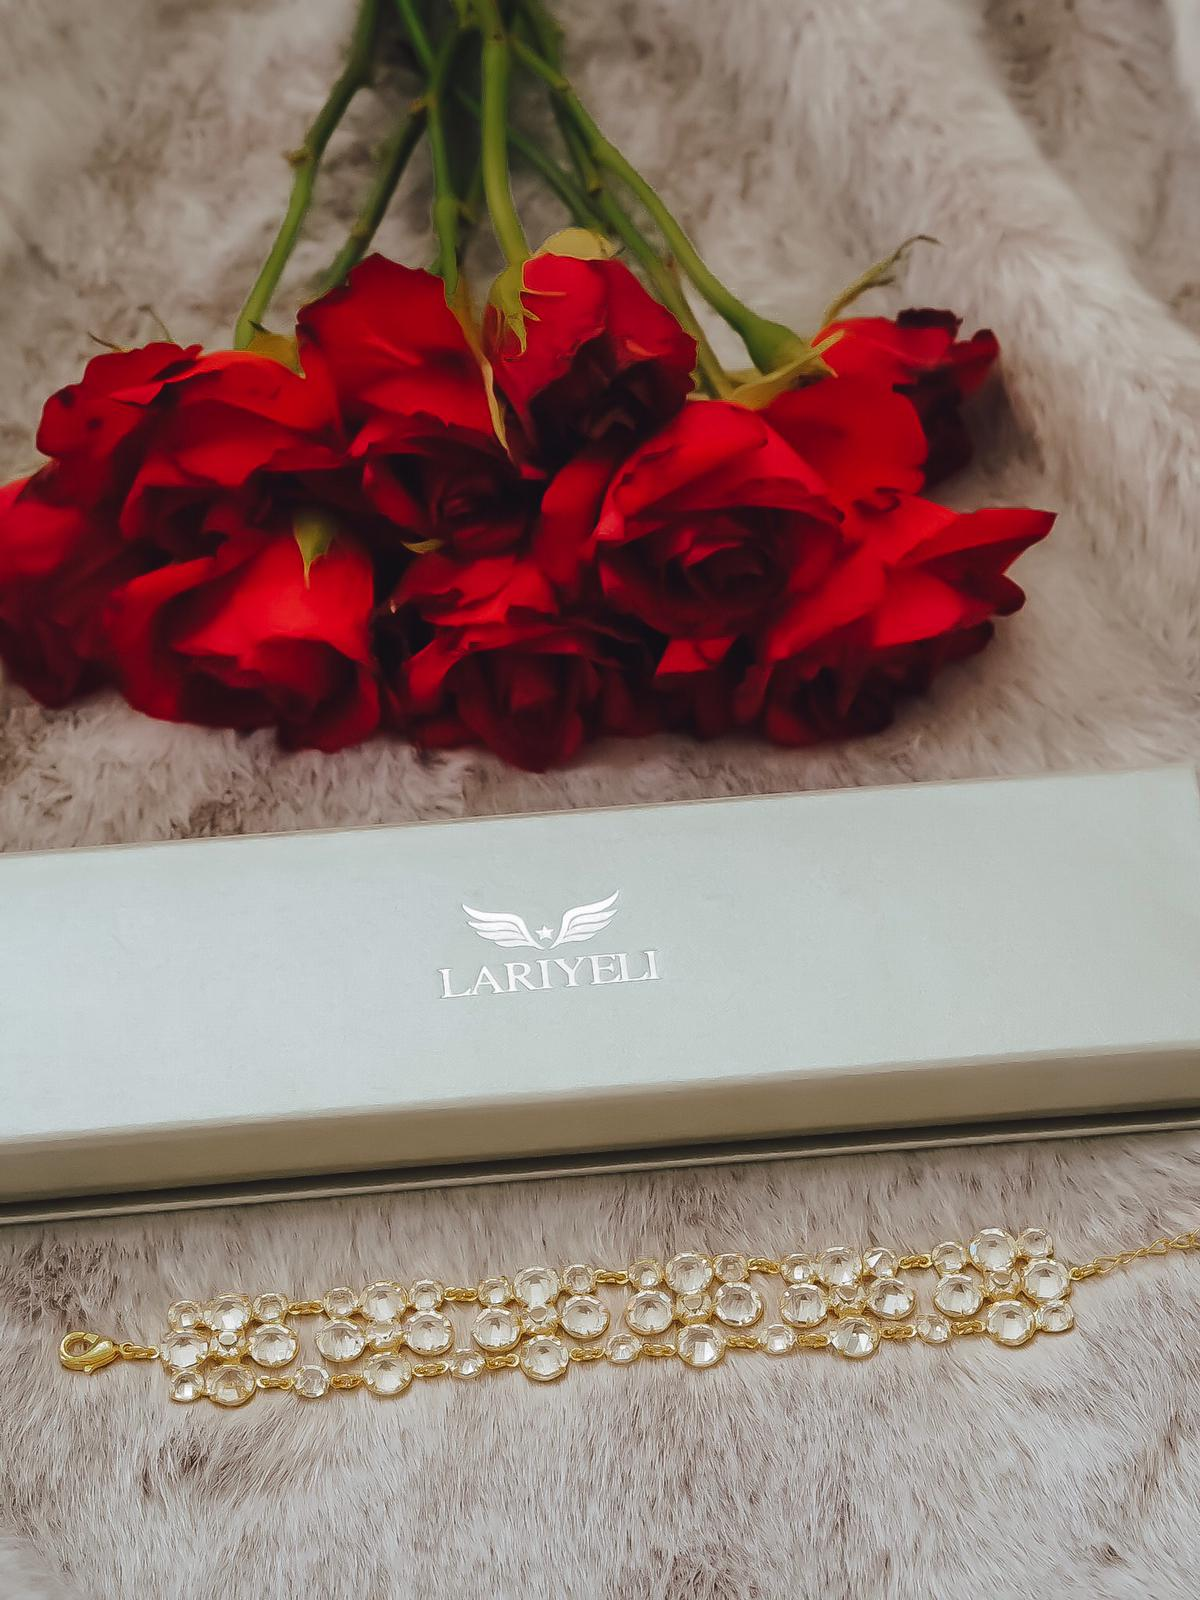 Lariyeli ist eine vegane Marke für luxuriösen Schmuck & Accessoires. Ich zeige das in Handarbeit gefertigte top Crystal Choker Armband auf dem Fashion Blog.